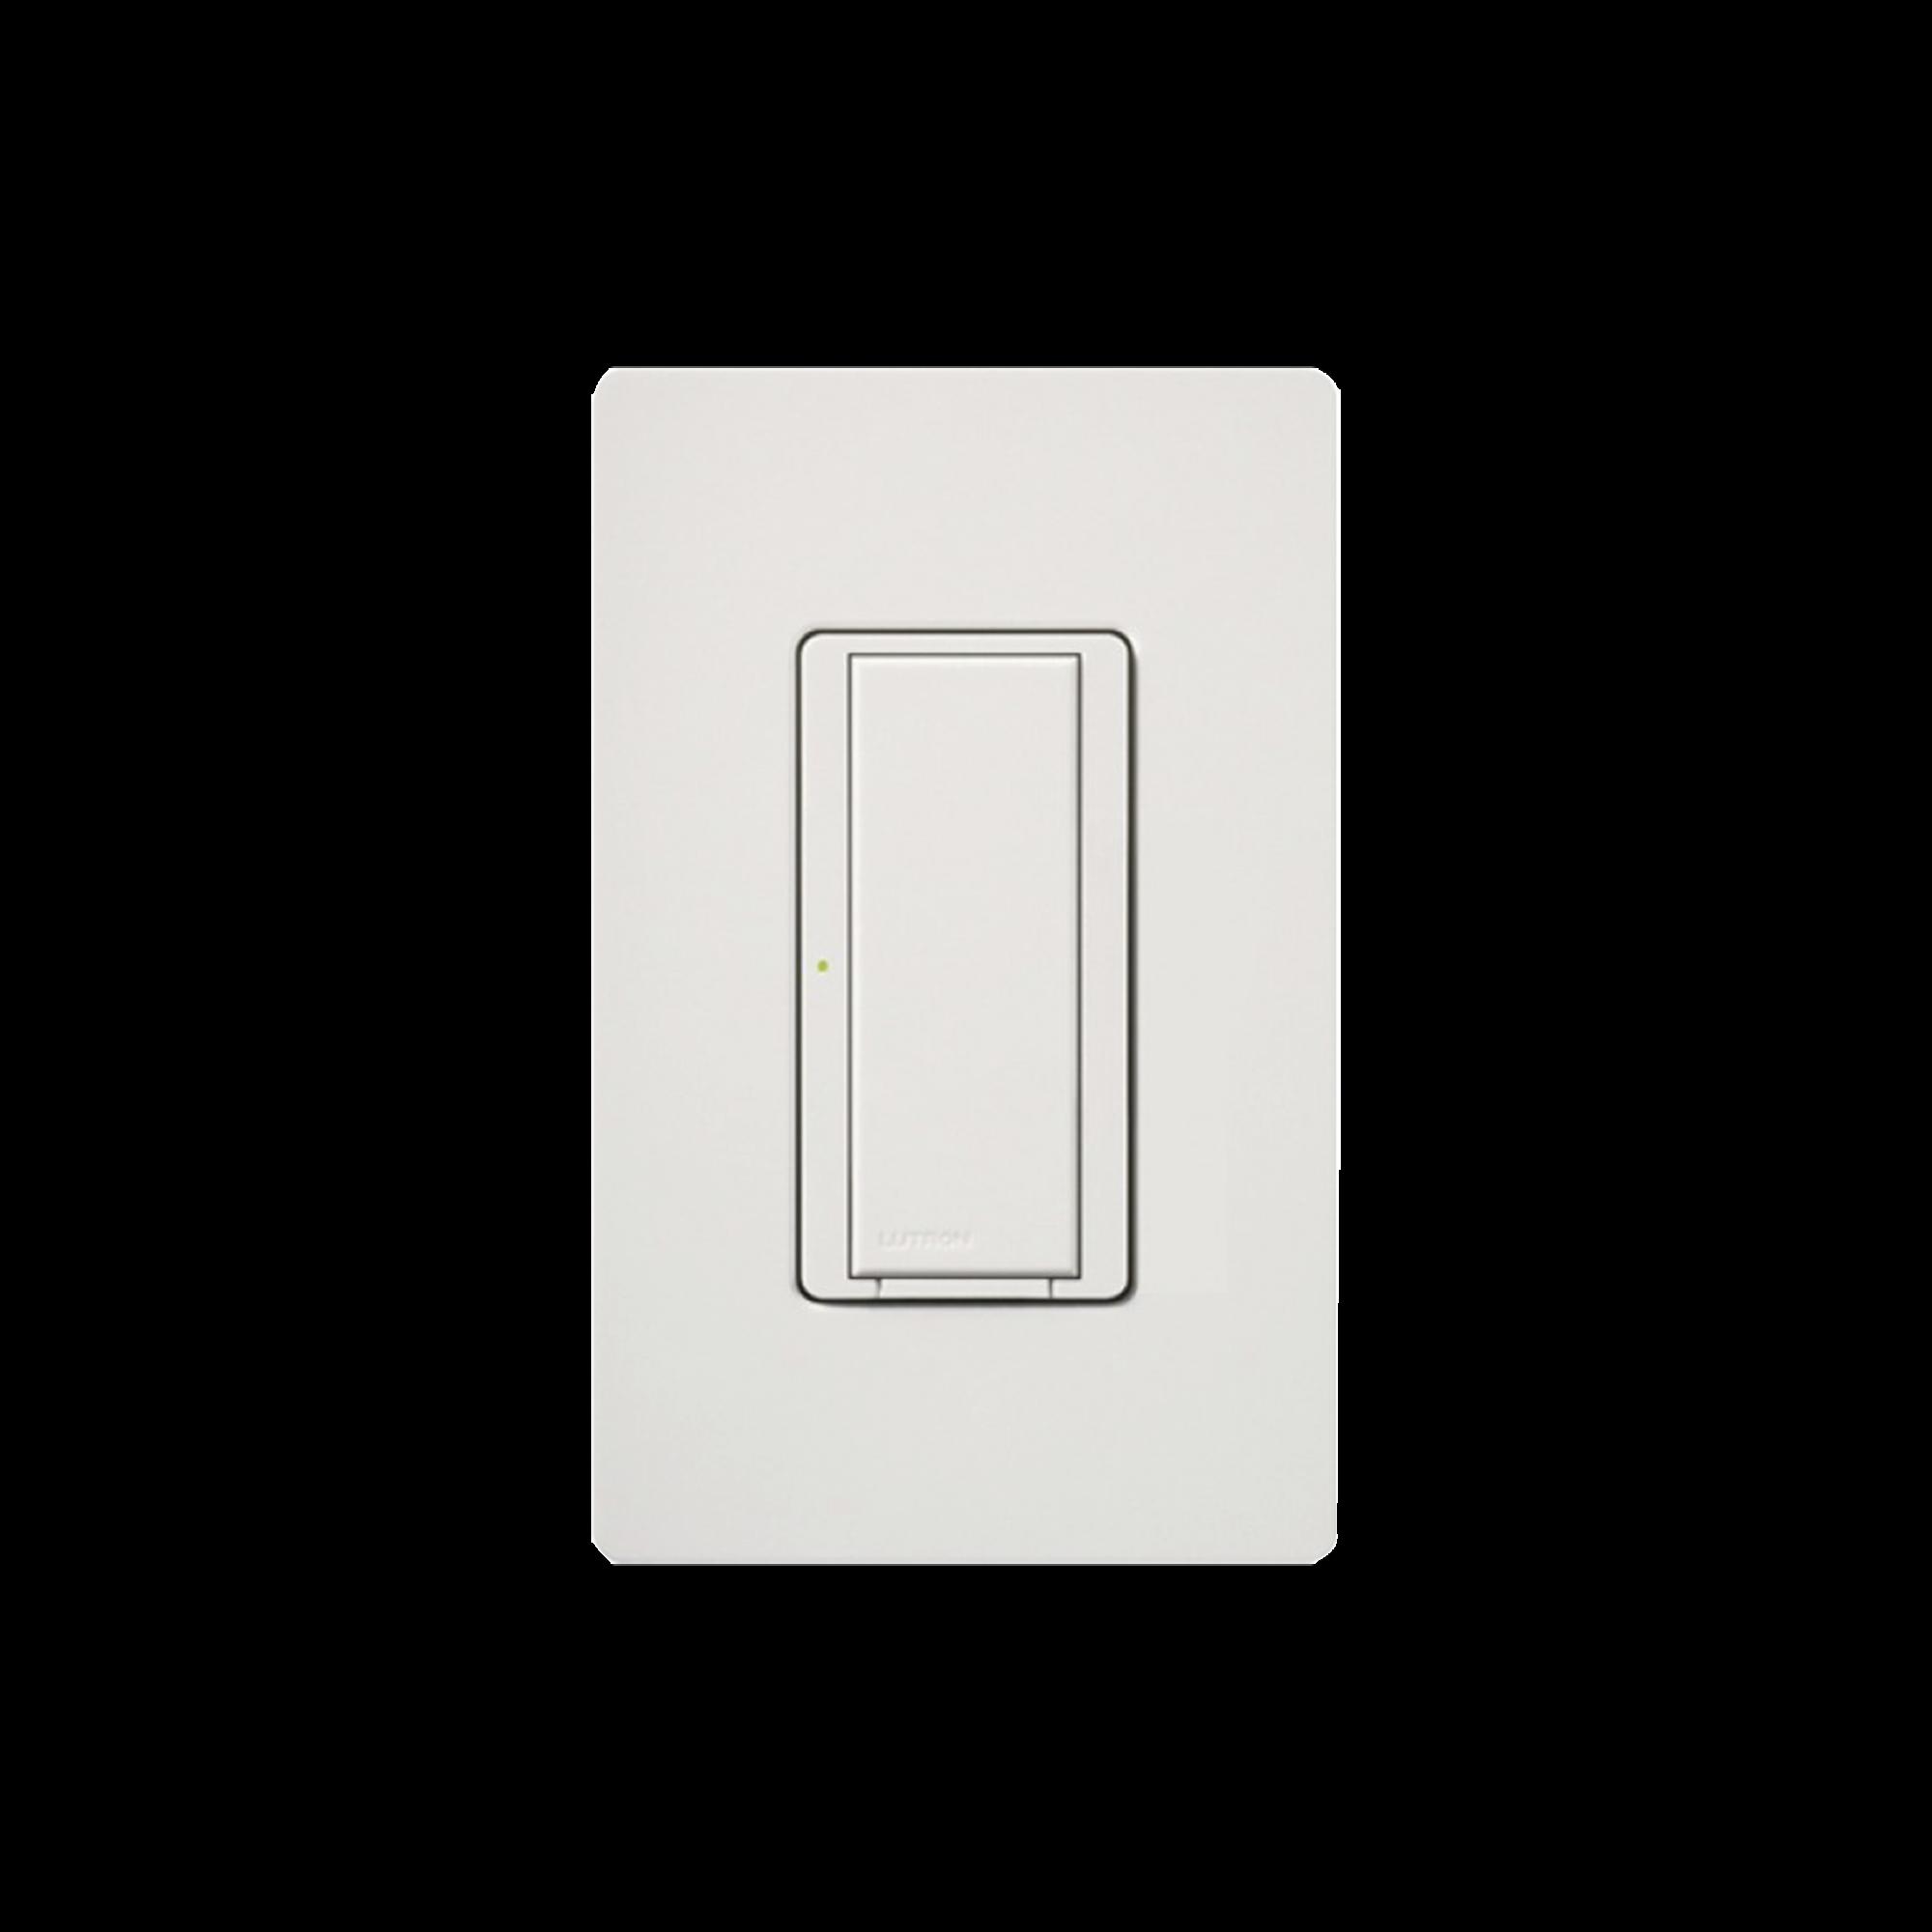 Switch on/off interruptor iluminación de 6 A, ventilador de 1/10 HP, 120 V, requiere neutro.